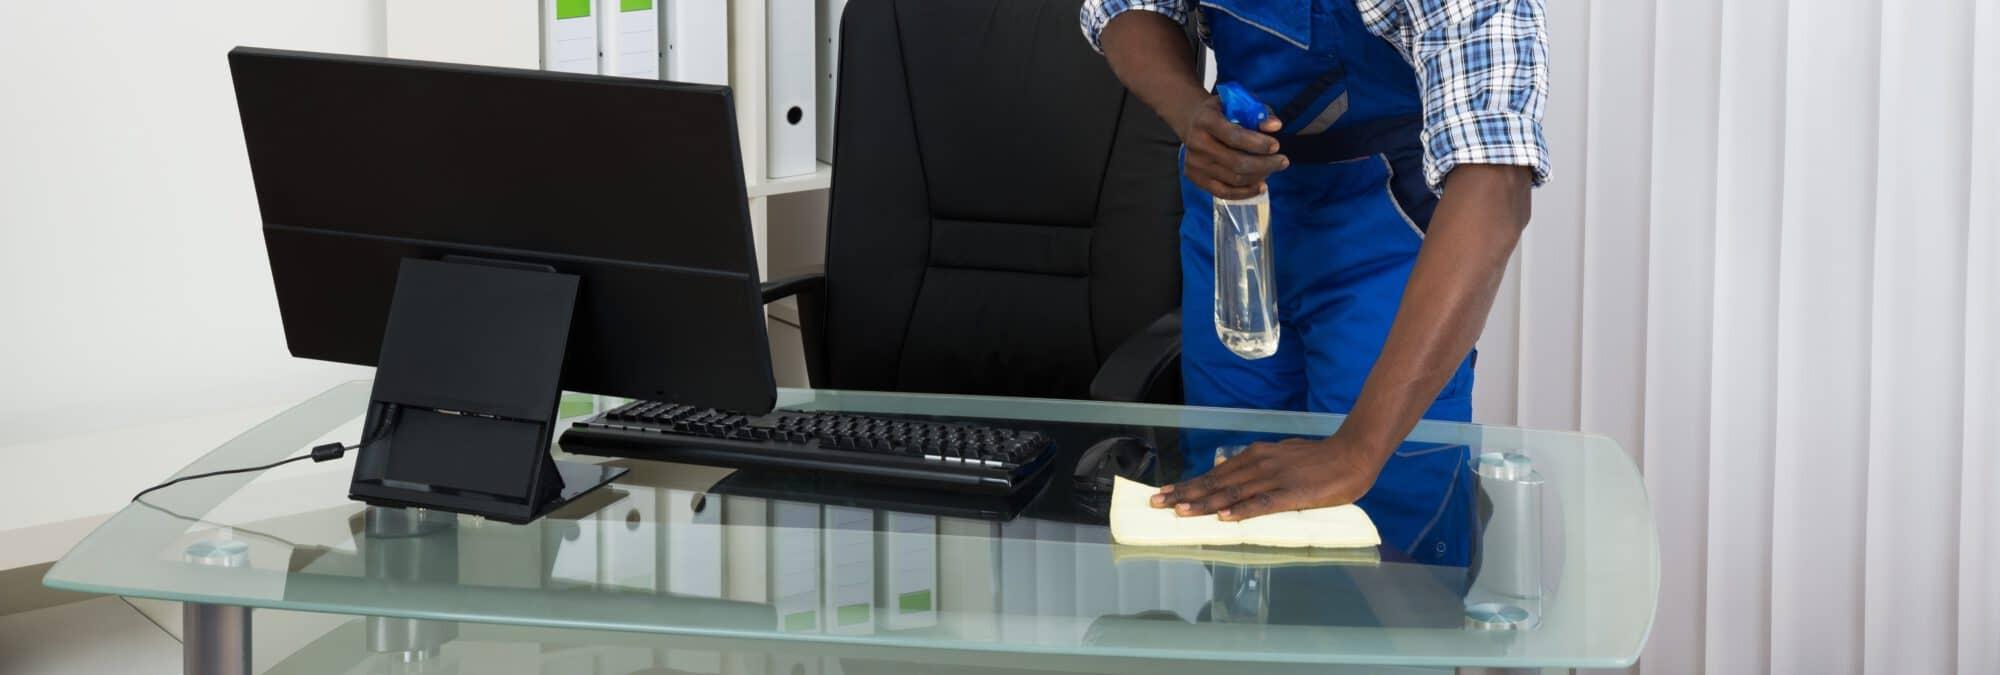 Entretien des vitres et surfaces